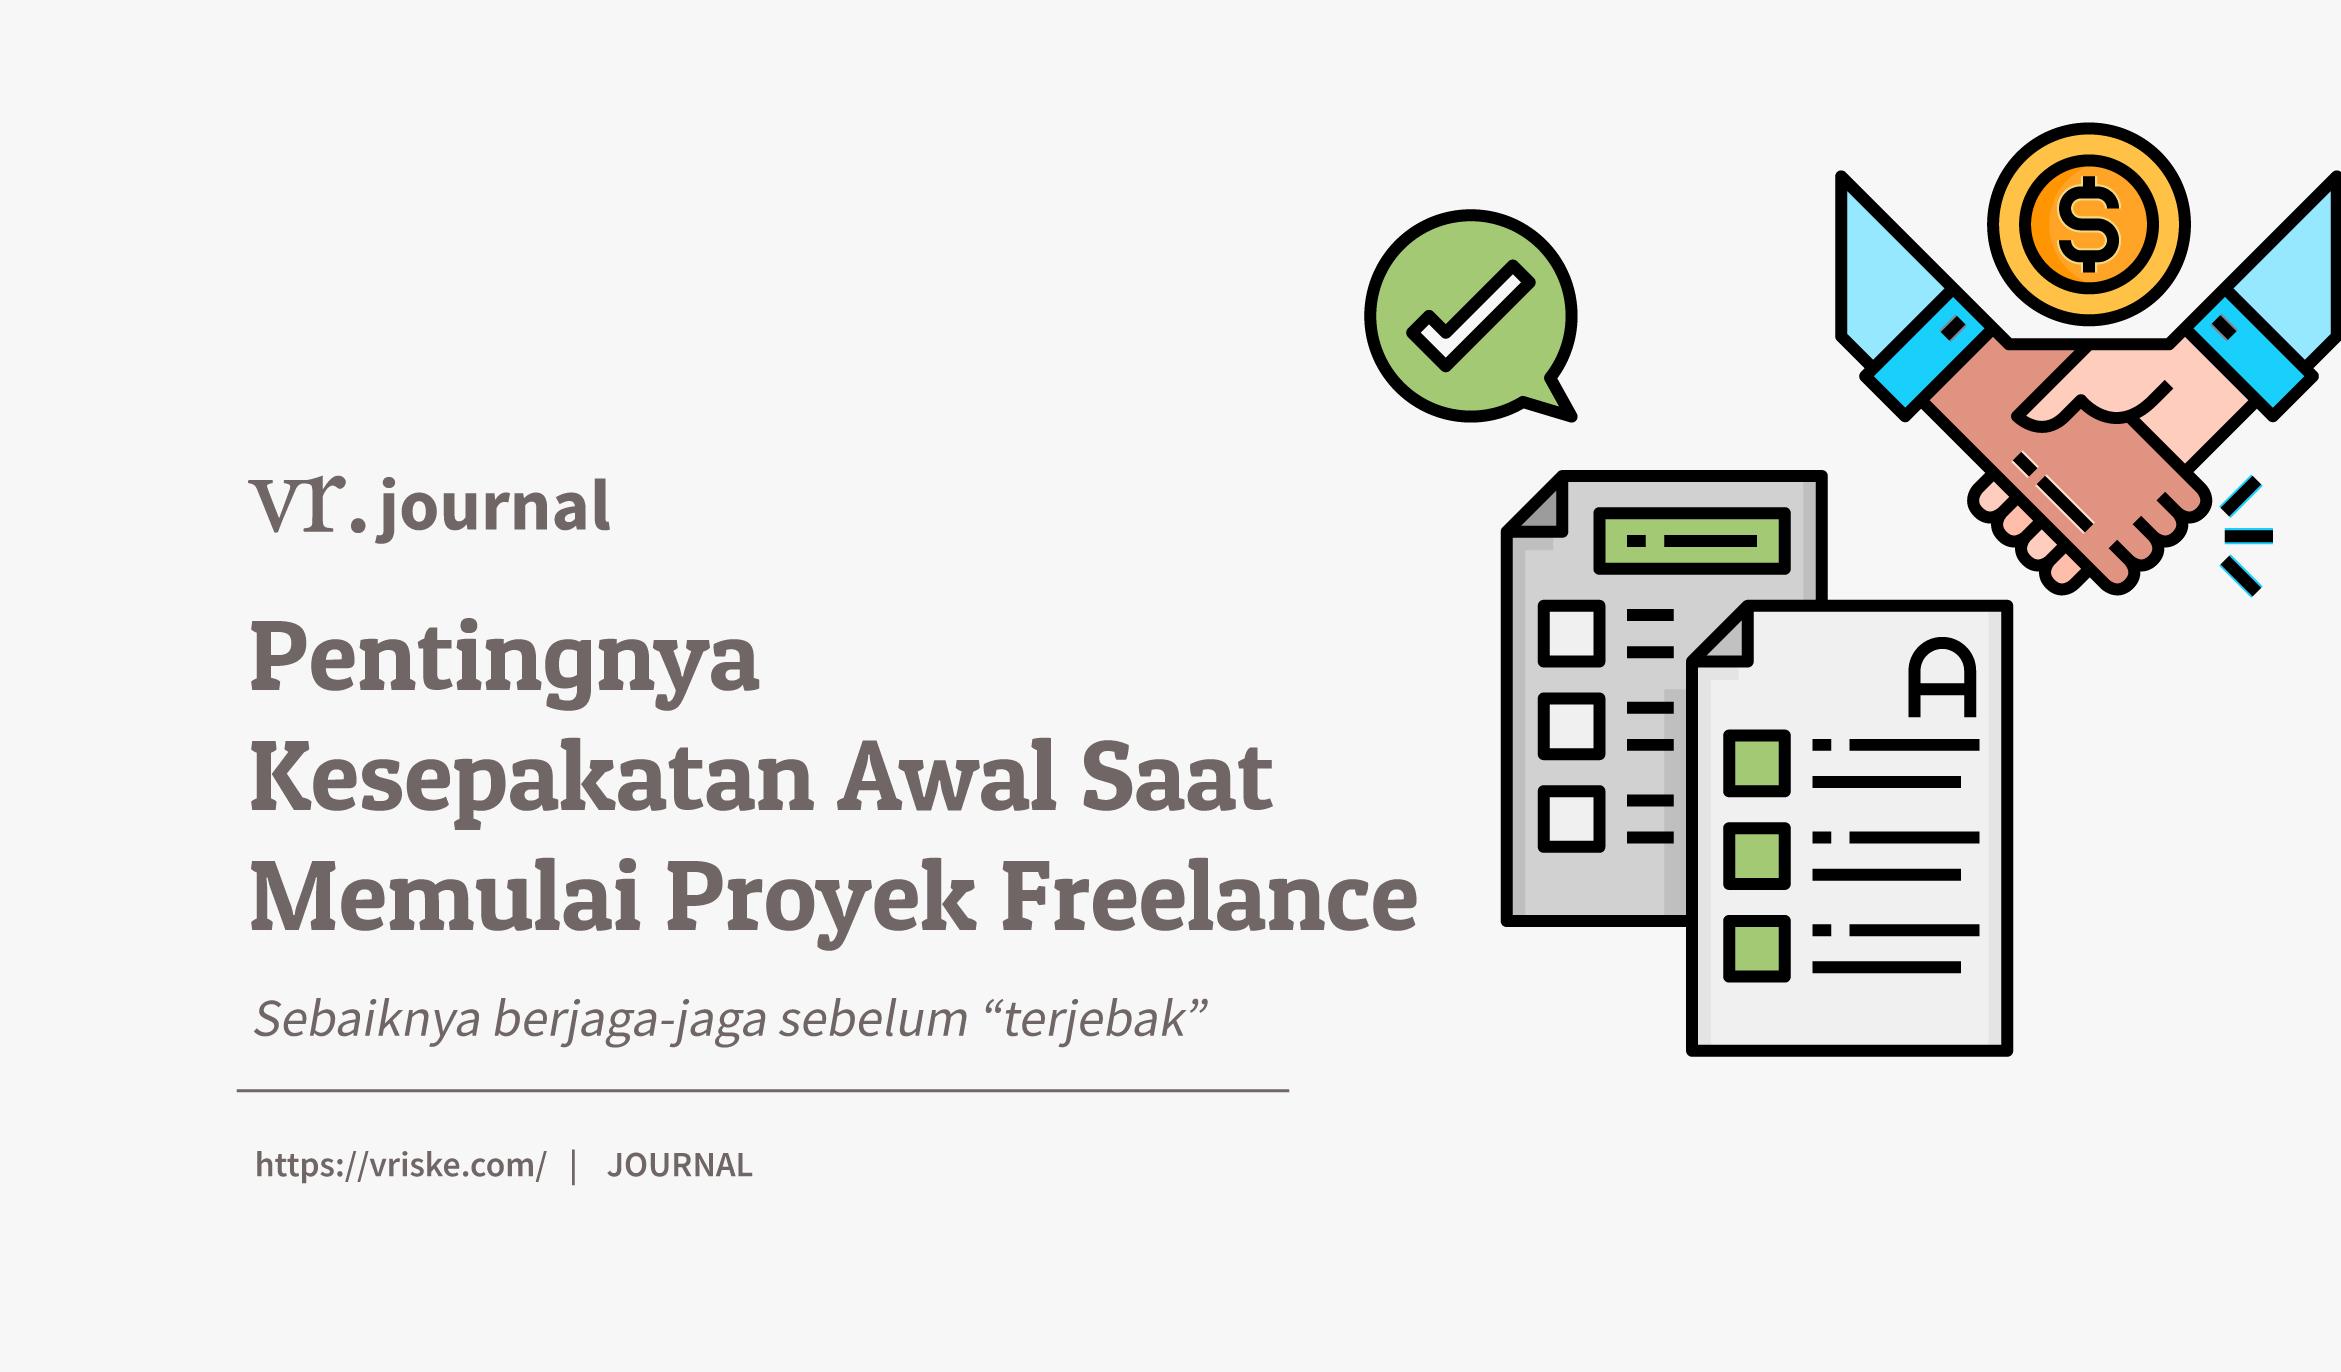 Pentingnya Kesepakatan Awal Saat Memulai Proyek Freelance